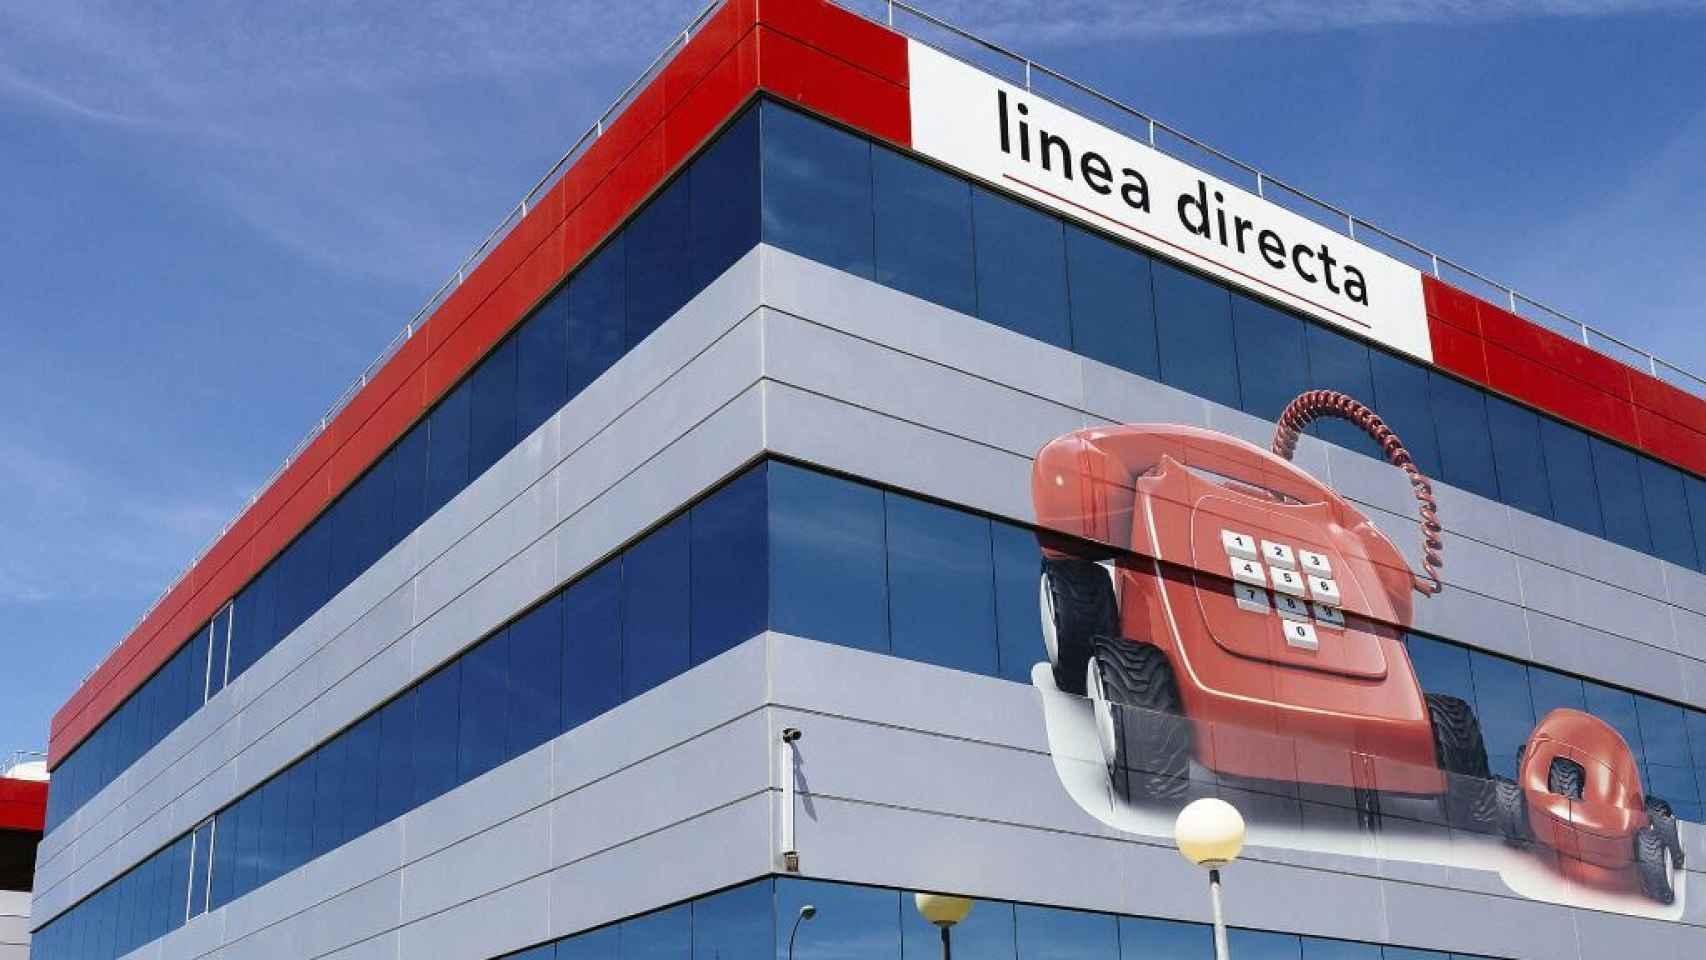 Detalle en una de las oficinas de Línea Directa.